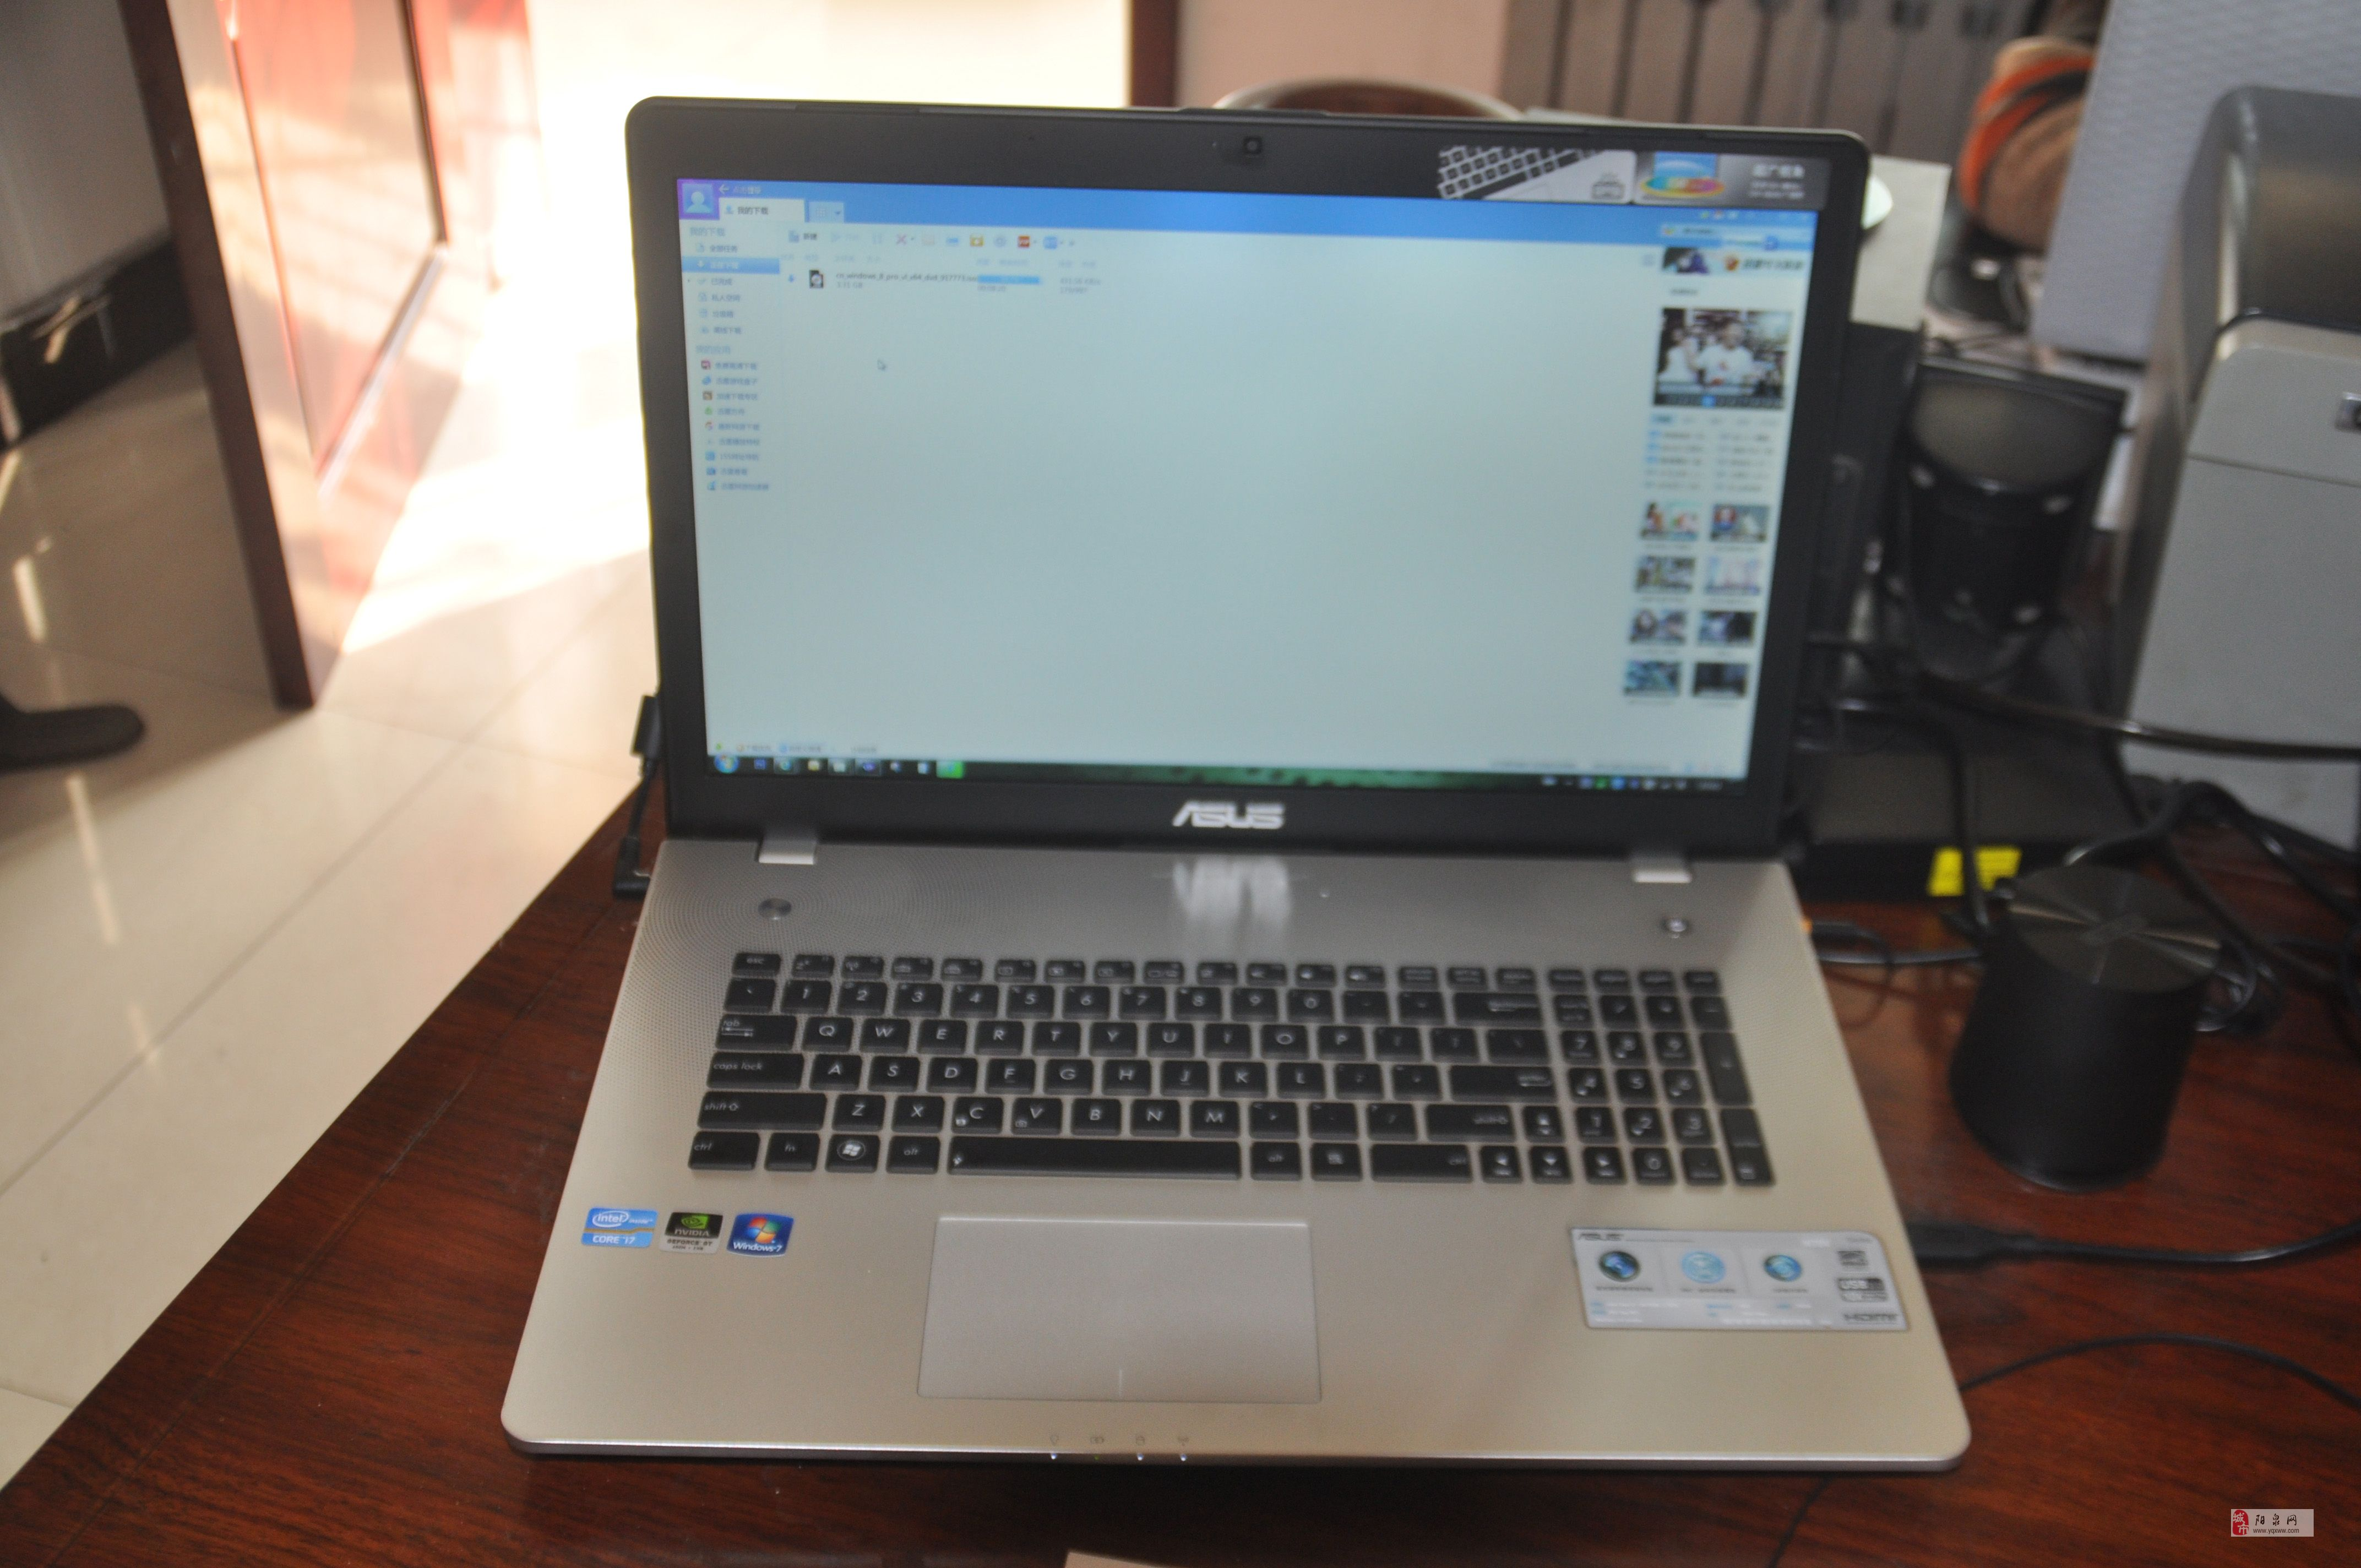 处理器i73610 硬盘750g+ssd 64g 显示器17.4 内存8g。2012年12月份北京购买,带发票,官方保修2年,系统升级正版win8pro、正版office2013pro等正版精品软件,并做系统备份(win7和win8各一套),一旦系统损坏,10分钟恢复正常;官方售后升级64g intel ssd硬盘,关机2秒,开机约7秒,稳定可靠! 联系我时请说明是在阳泉网看到的 同城交易请当面进行,以免造成损失。外地交易信息或者超低价商品请慎重,谨防上当受骗。